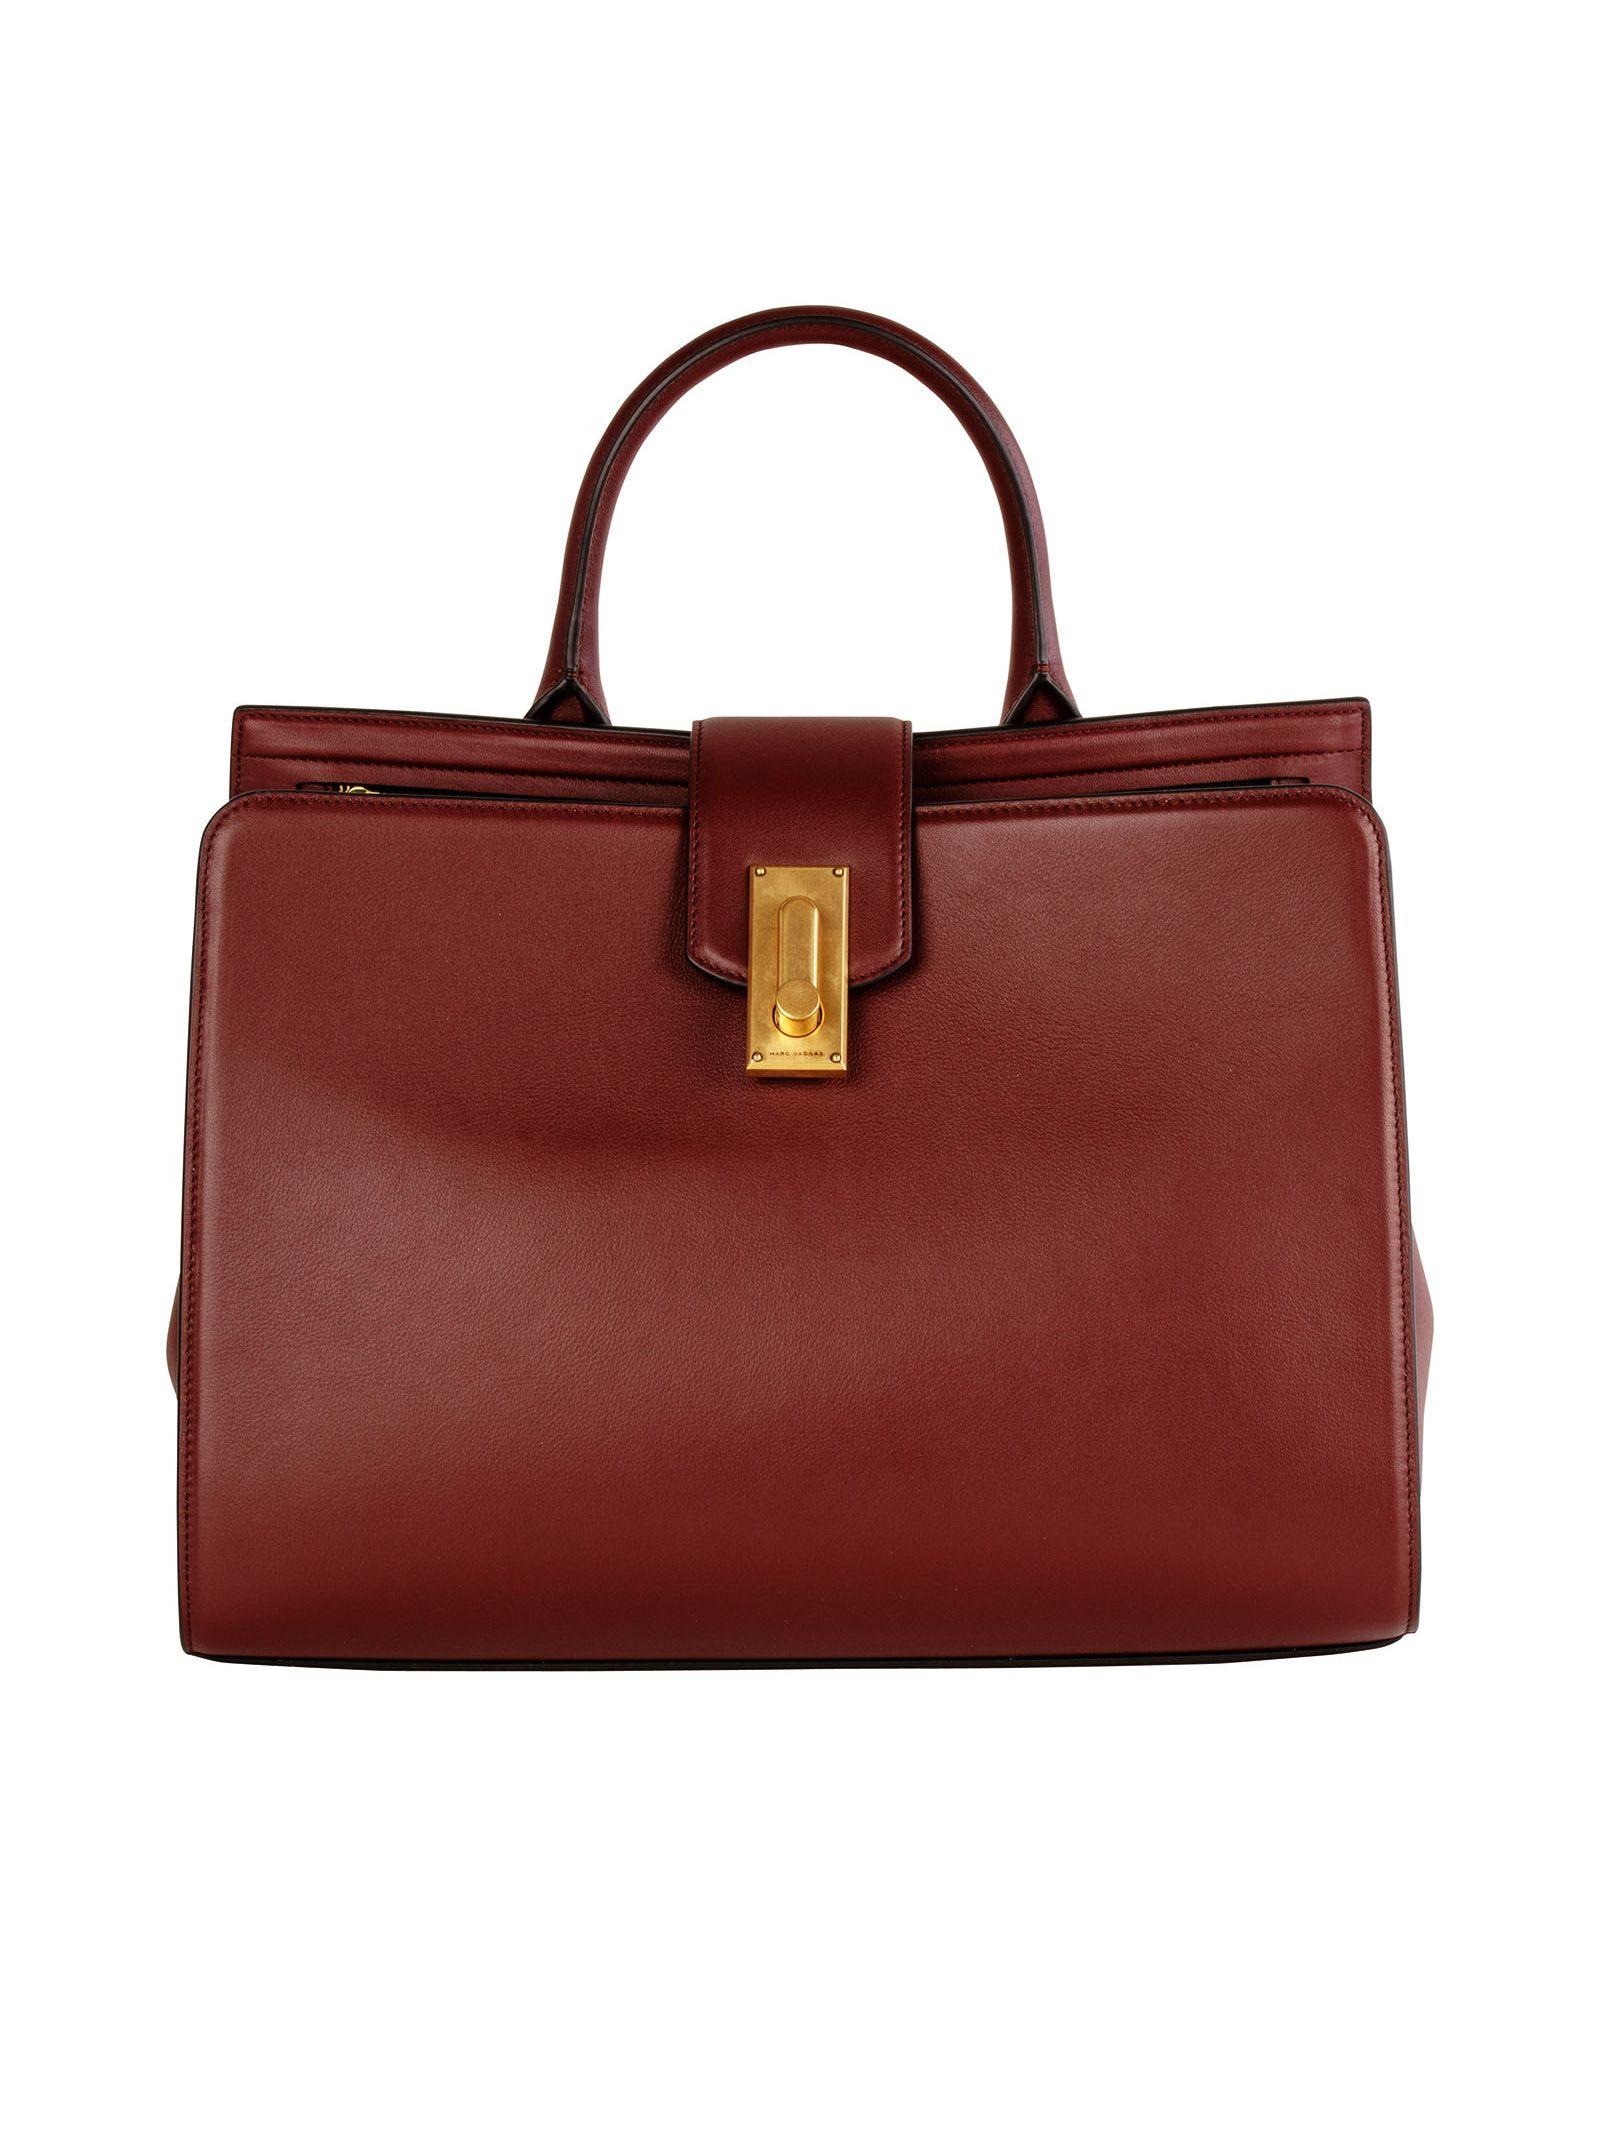 marc jacobs female shop onlin marc jacobs plum leather handle bag